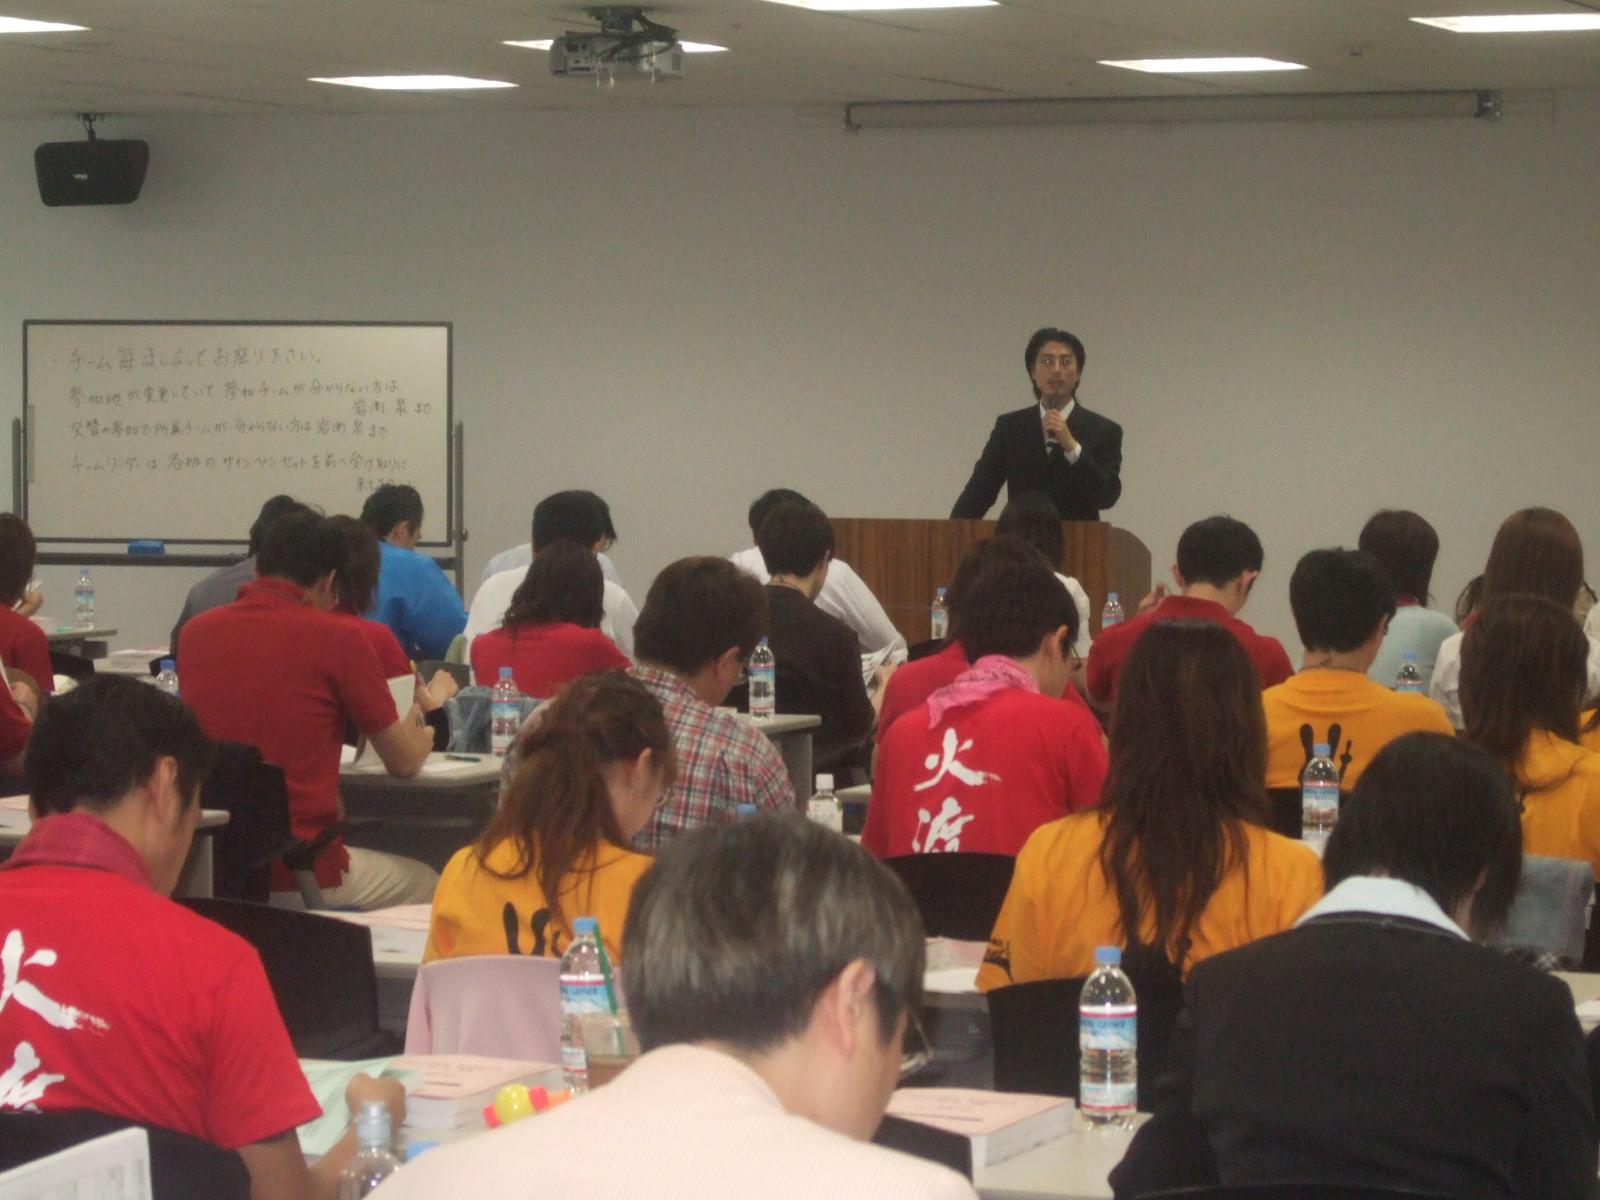 経営塾東京会場の講演風景。アドバンスコースでは今年以上に熱気があるかもしれません。アドバンスコースは年2回ですから、今から実践して行ってくださいね。